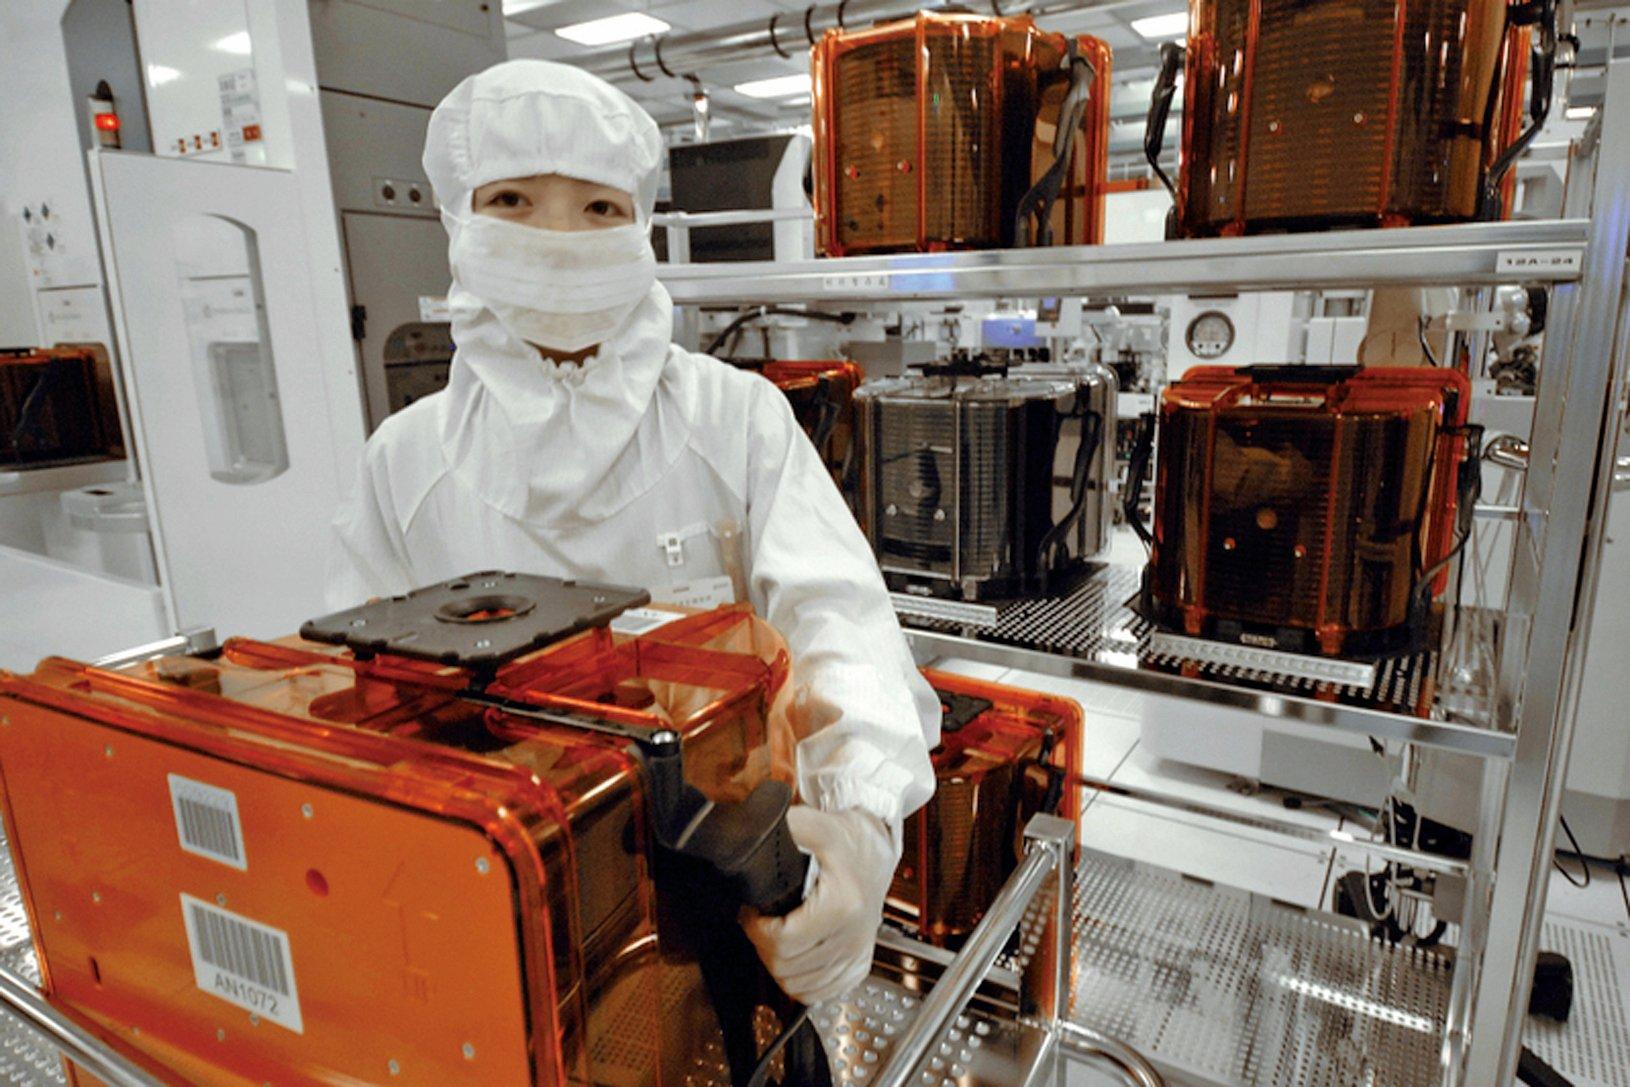 中共為達2025年自製半導體晶片40%的目標,把台灣與美國列為竊取技術的主要目標。圖為示意圖。(Getty Images)